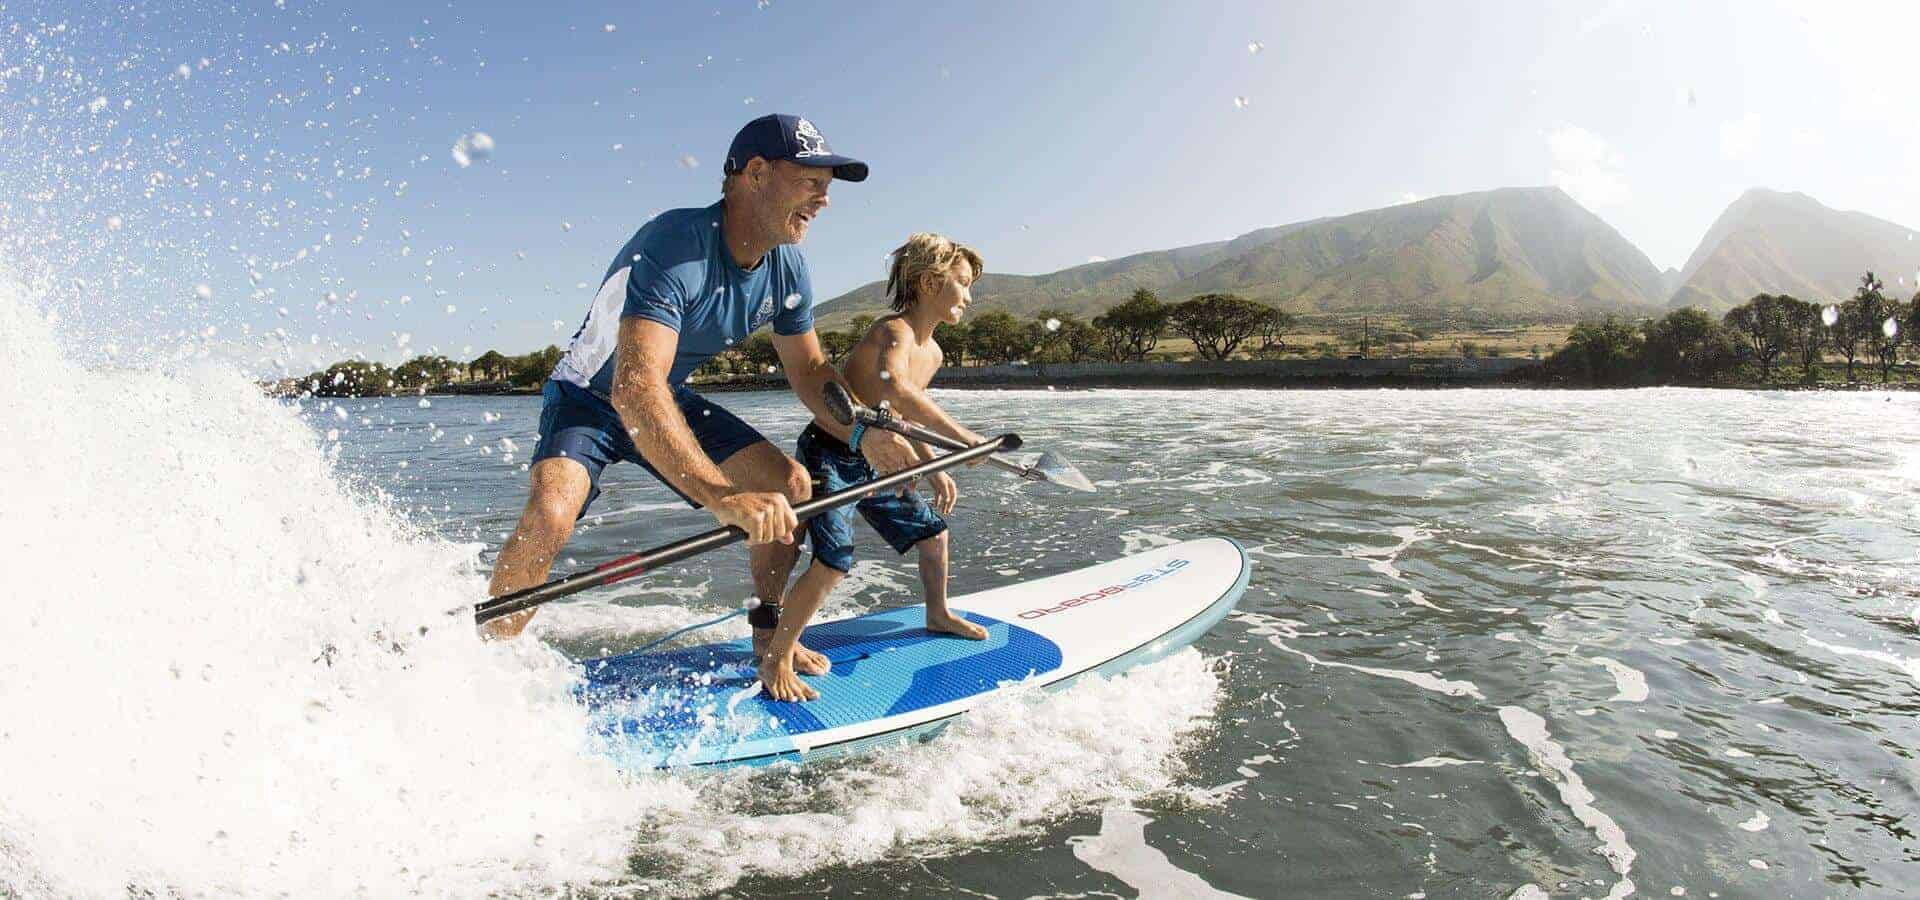 ΕΝΑ ΑΠΟ ΤΑ ΚΑΛΥΤΕΡΑ ΜΕΡΗ ΓΙΑ SUP SURF ΣΤΗΝ ΕΛΛΑΔΑ